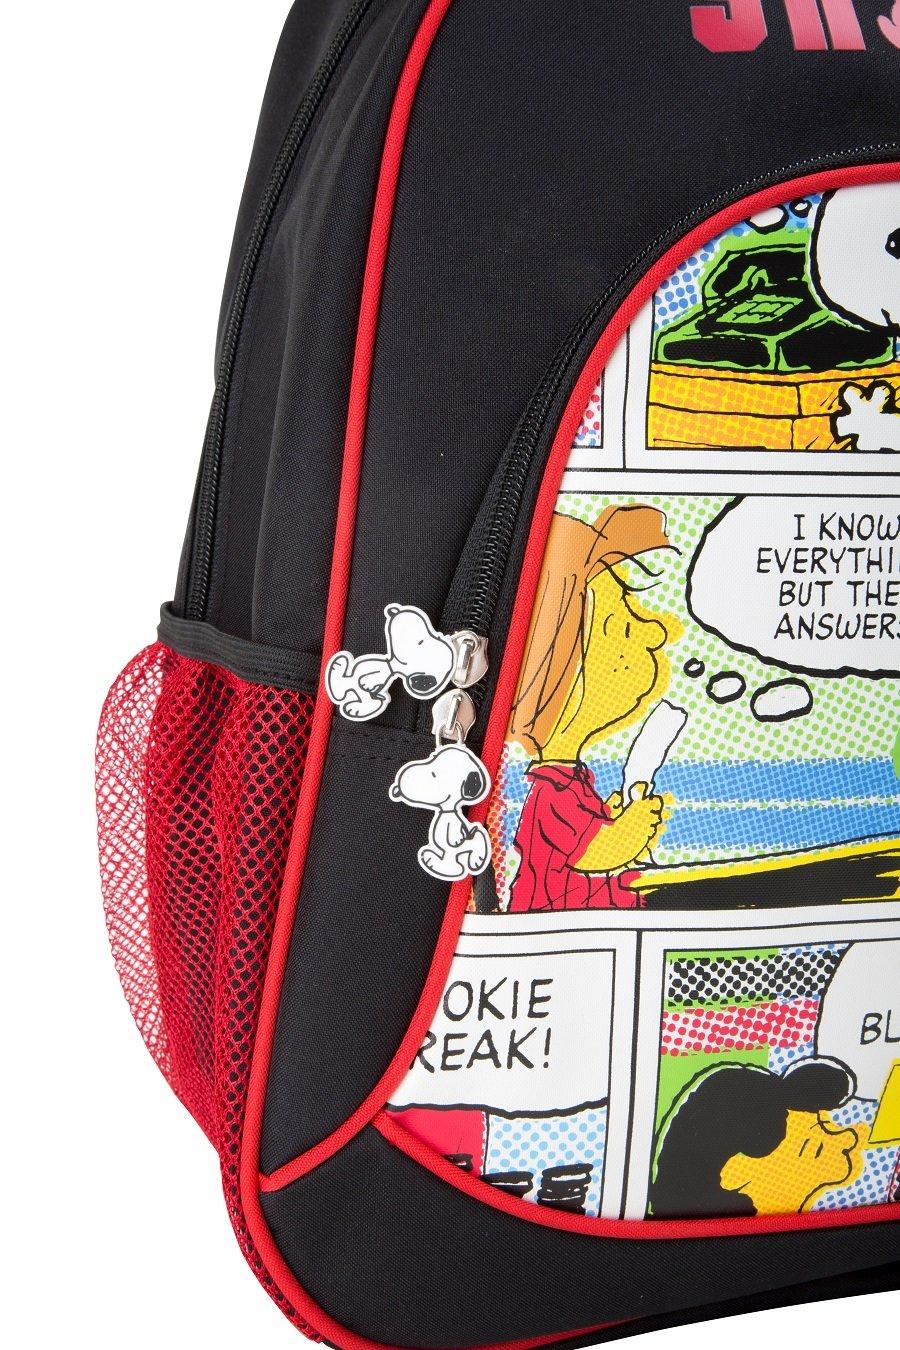 819Xv7K2nBL - Mochila escolar Snoopy para niños mochila mochila escolar | incluye dos bolsillos de malla a los lados y mucho espacio de almacenamiento | acolchado óptimo de las correas de transporte | tamaño aprox